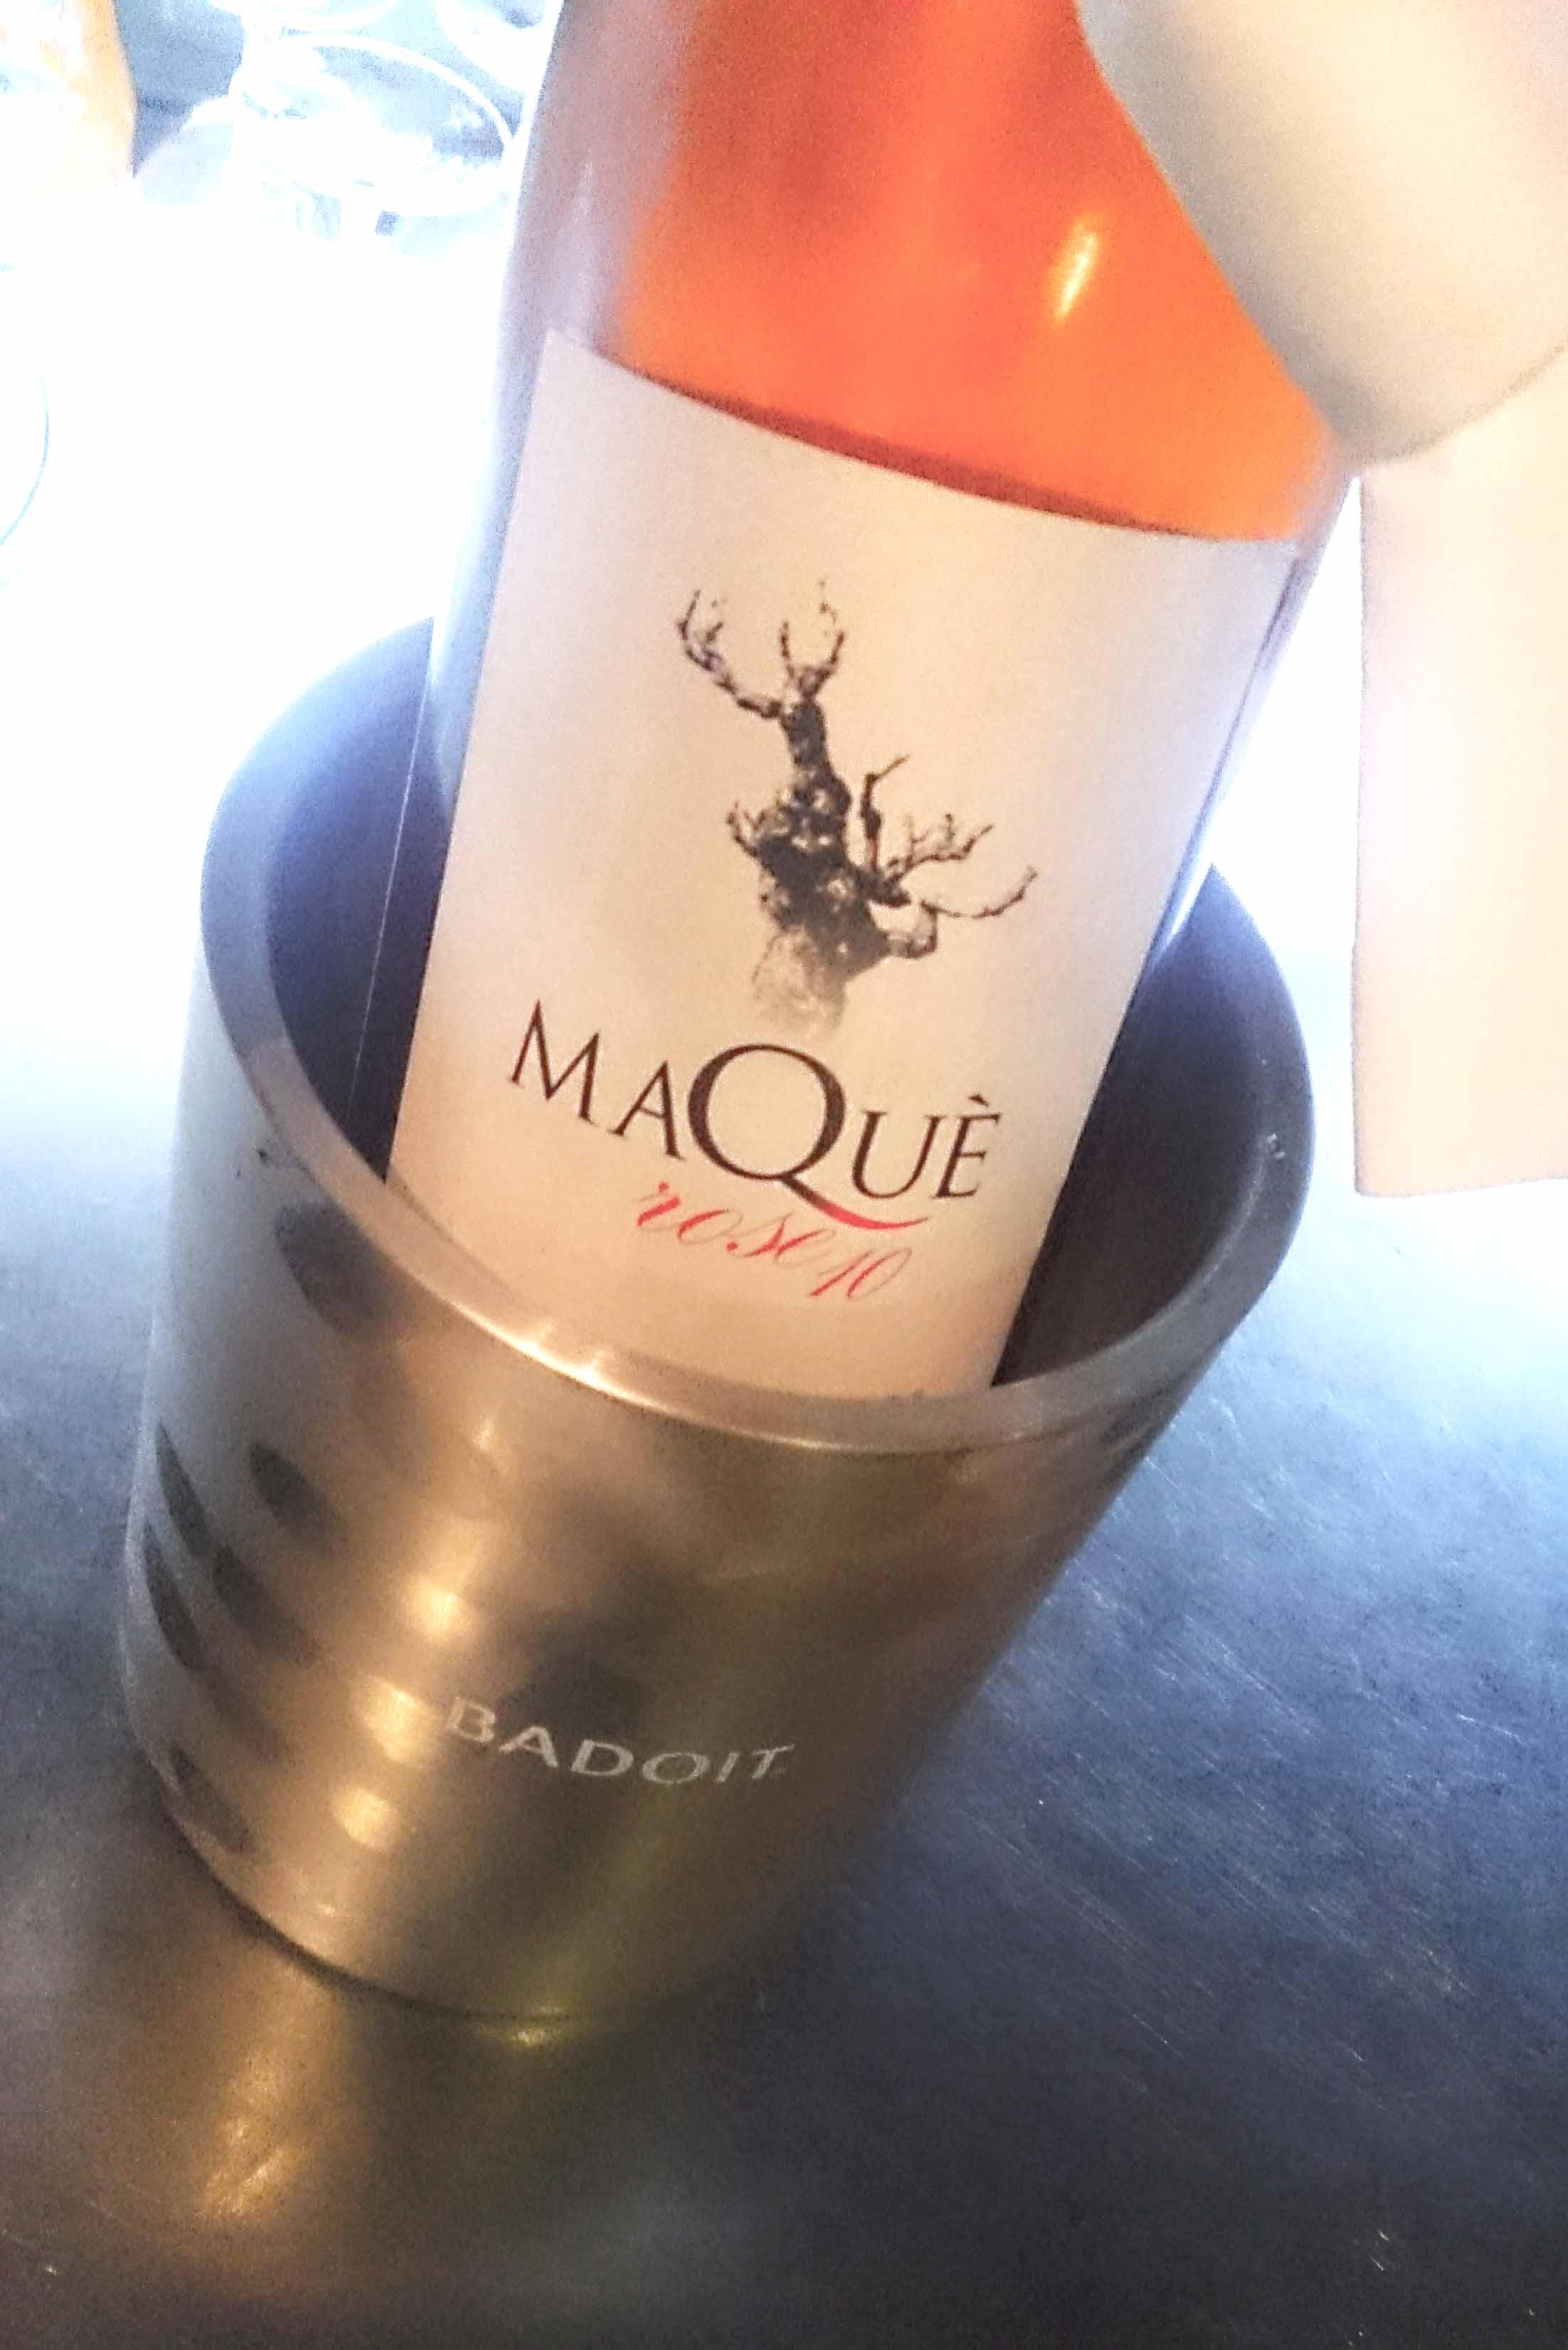 maque rose